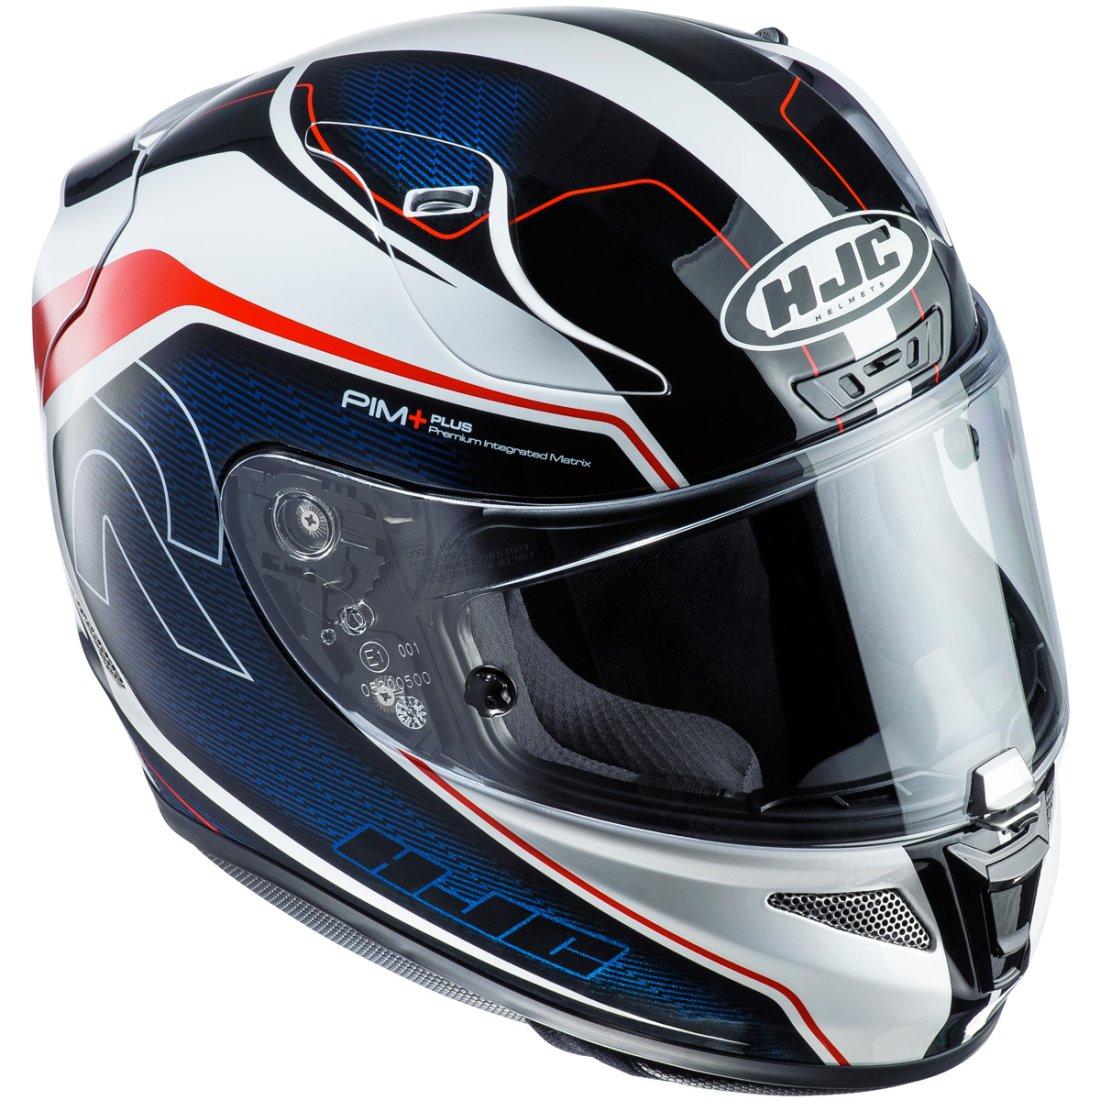 hjc rpha 11 darter mc 21 helmet motocard. Black Bedroom Furniture Sets. Home Design Ideas